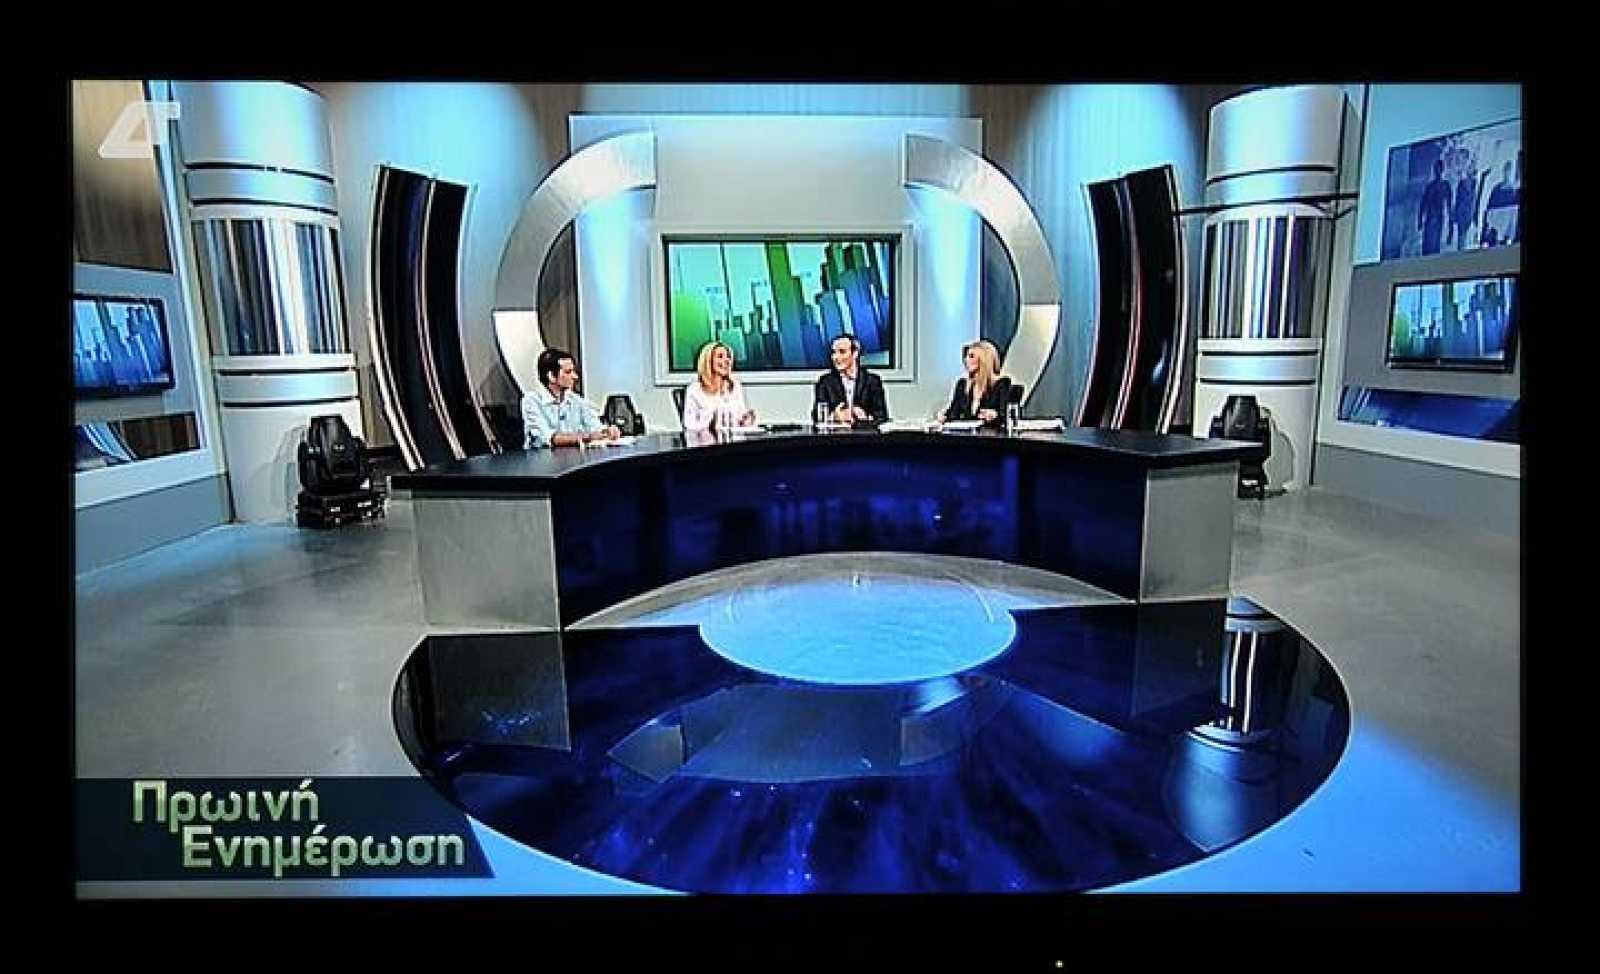 Empiezan las emisiones en directo de una nueva televisión pública griega